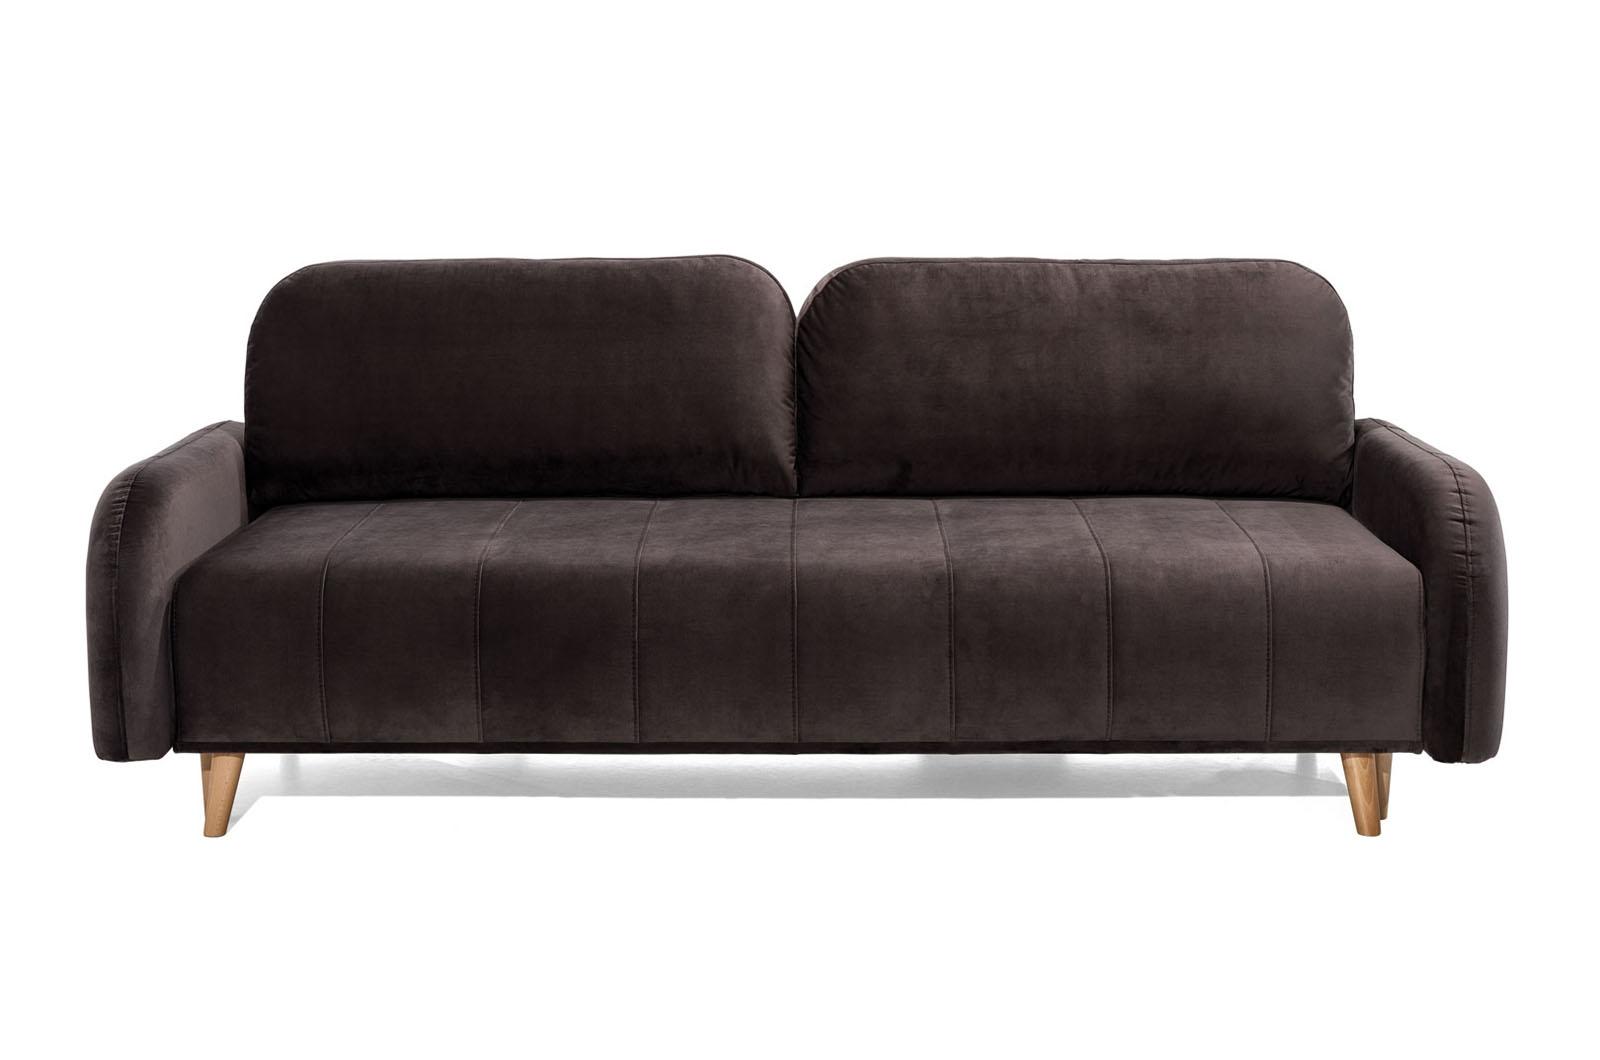 Canapea extensibila 3 locuri, Domi, l230xA100xH88 cm